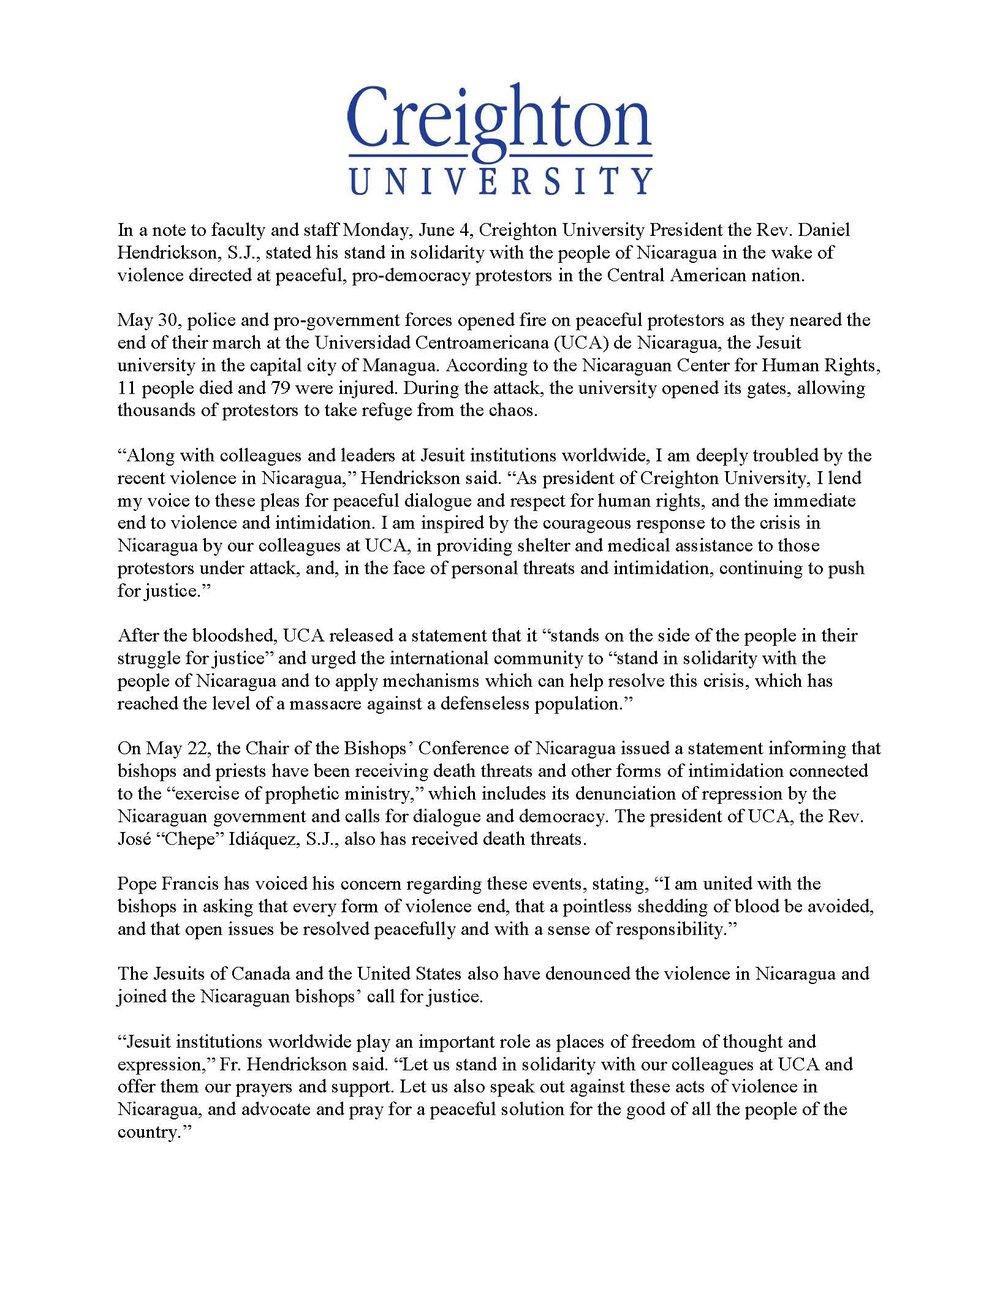 Creighton University (Omaha, NE)